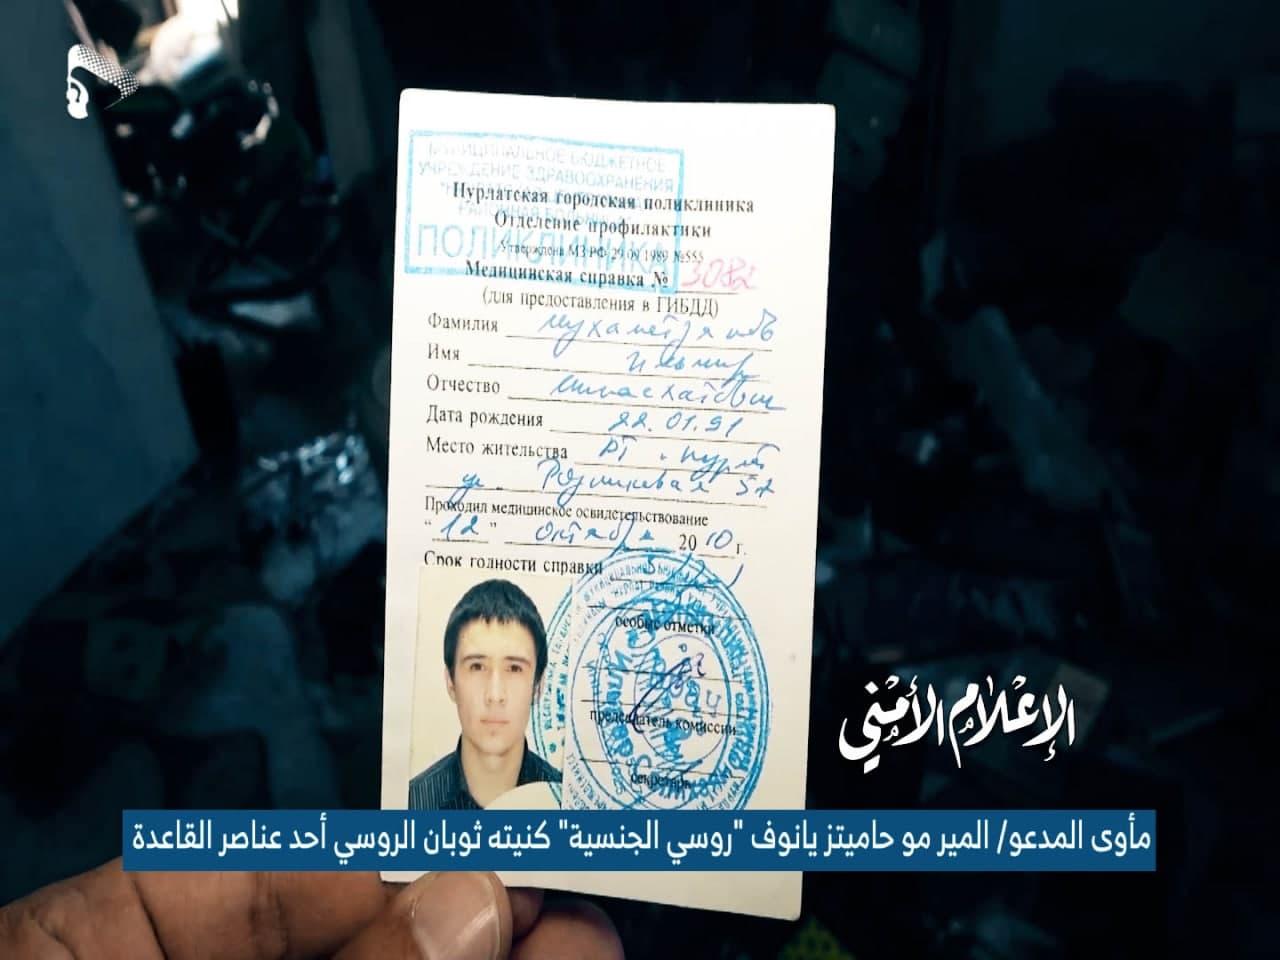 """المخابرات تكشف هوية خبير المتفجرات (روسي الجنسية) لداعش في الصومعة وهذا ما عثر بداخل منزله بعد فراره """"شاهد"""""""